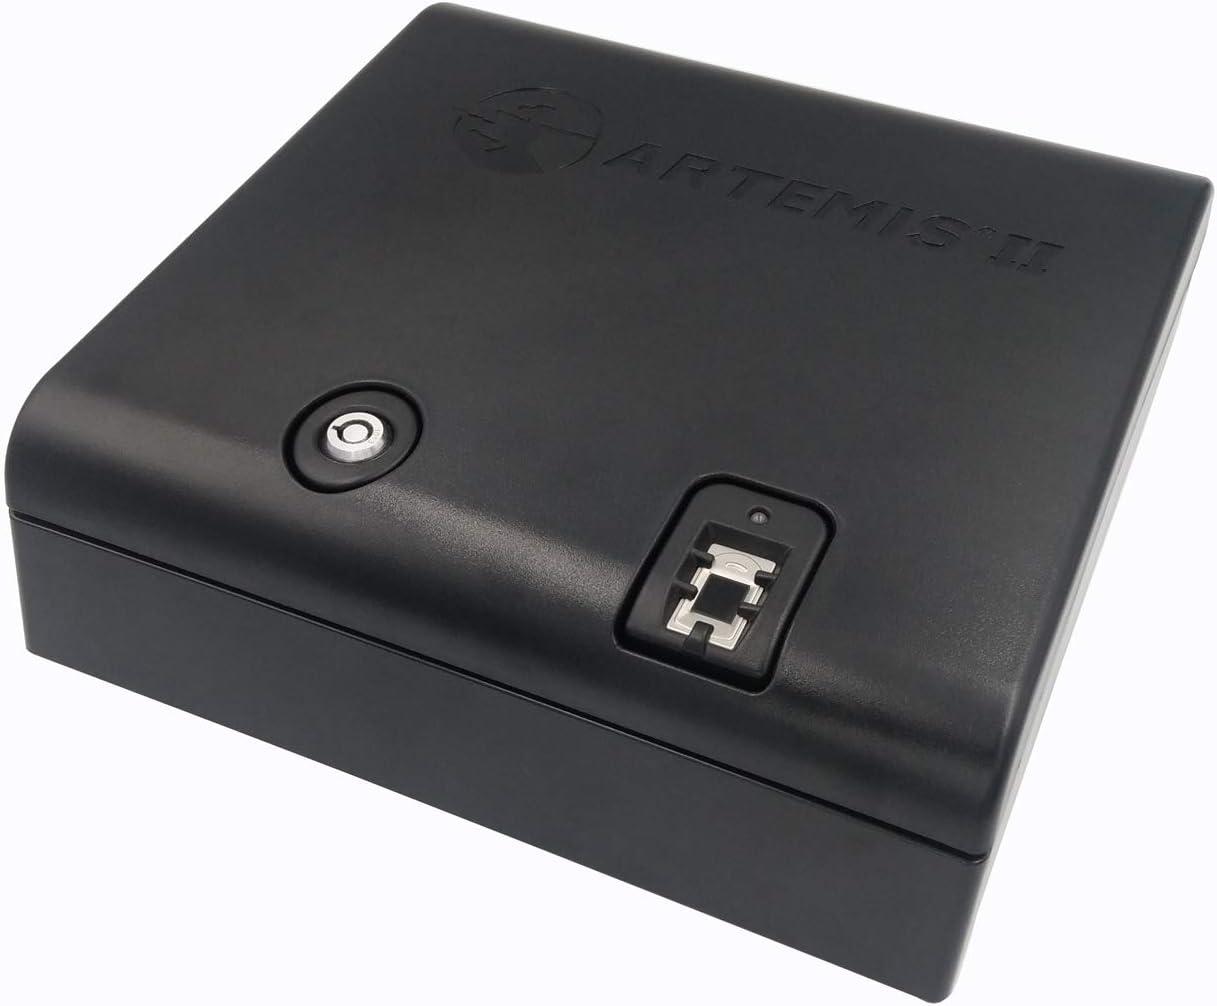 Artemis Biometric Handgun Safe Pistol Safe mit Auto-Open Lid Fast Finger Print Access Child Resistant Case